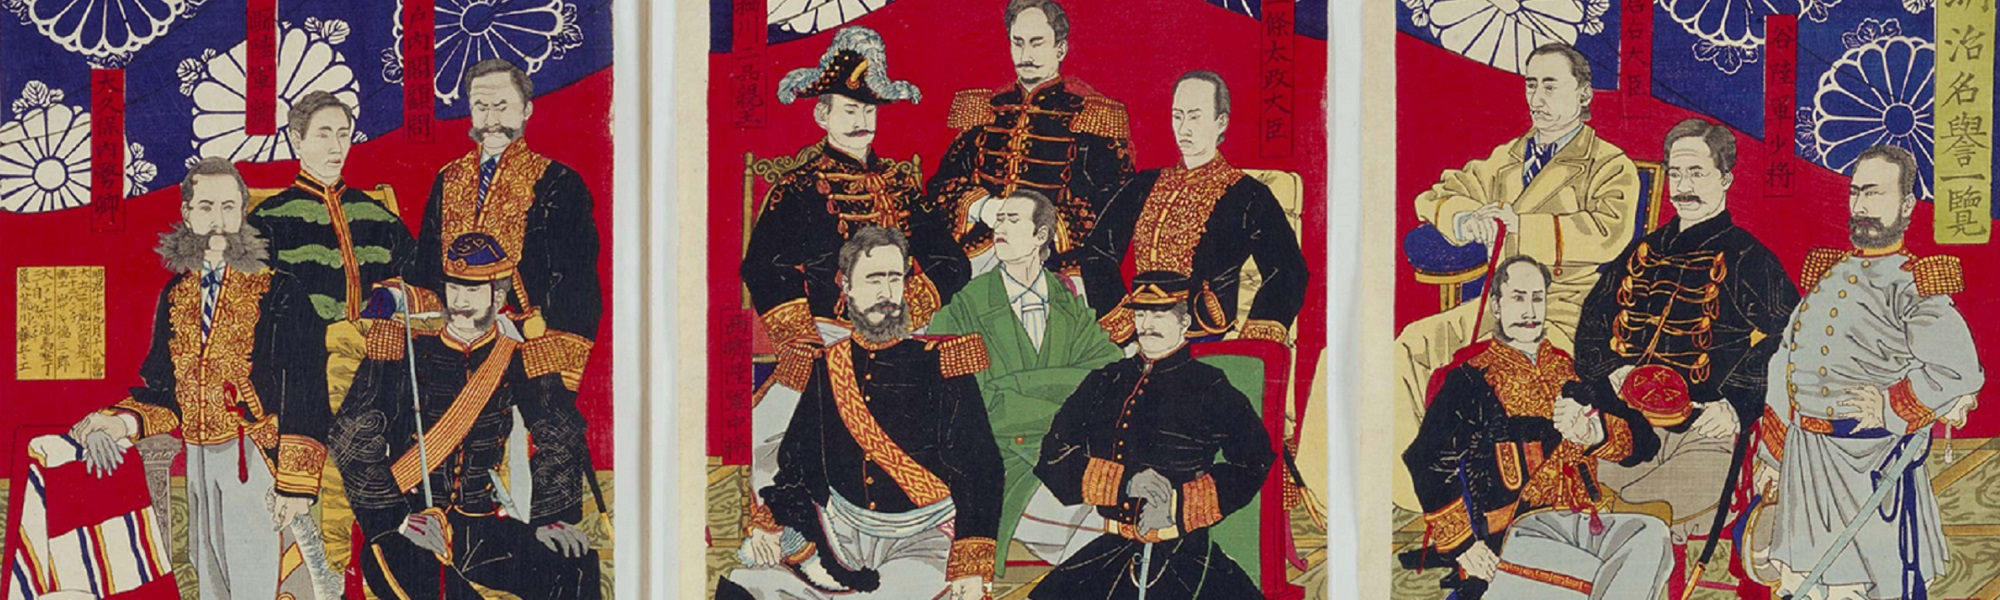 Dignitaries_of_early_Meiji_Japan_NDL